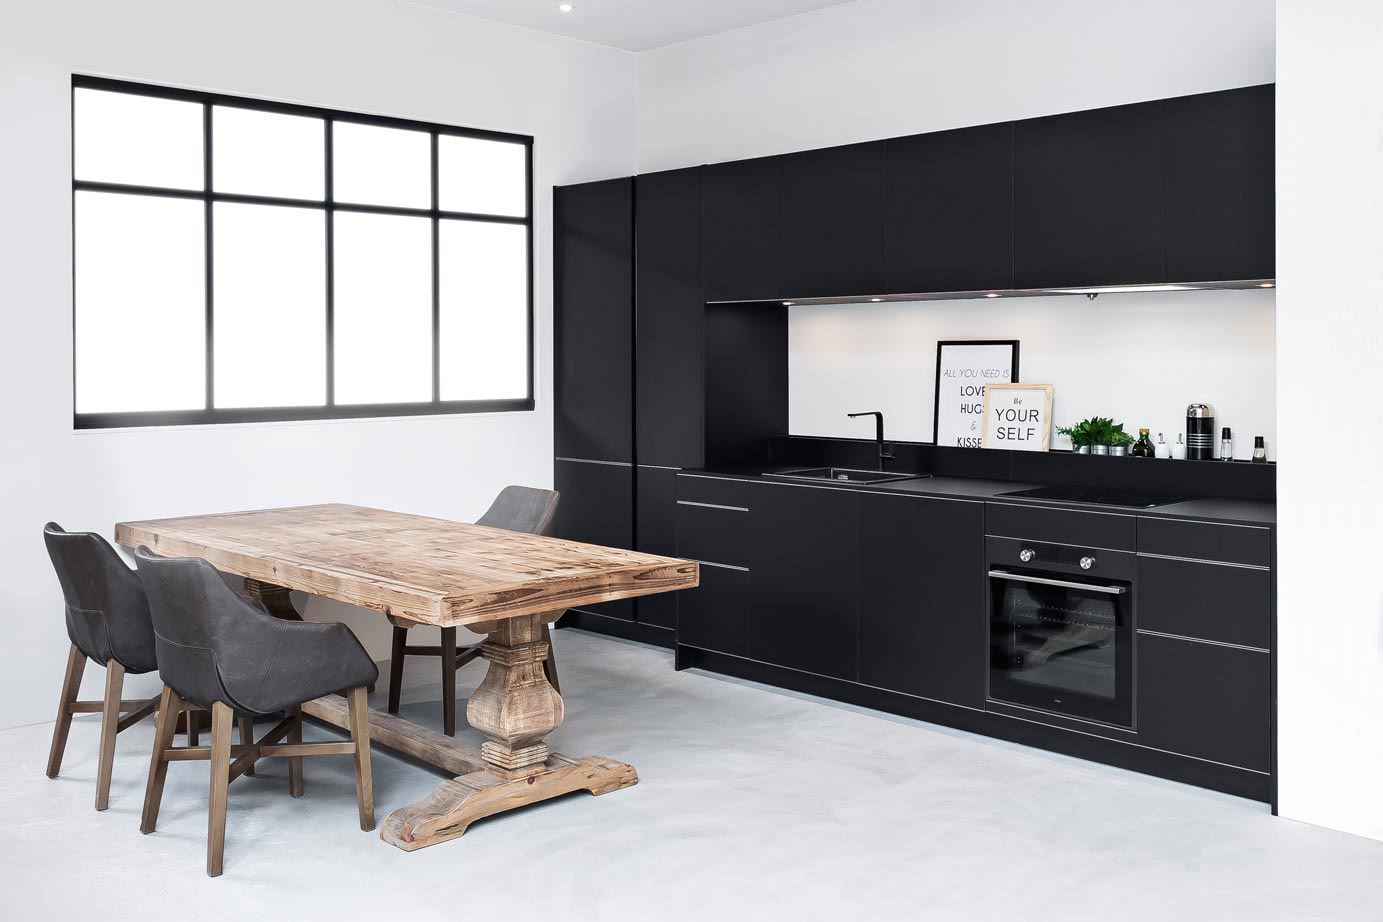 Piet Keuken Zwart : Handgrepen keuken piet zwart u informatie over de keuken